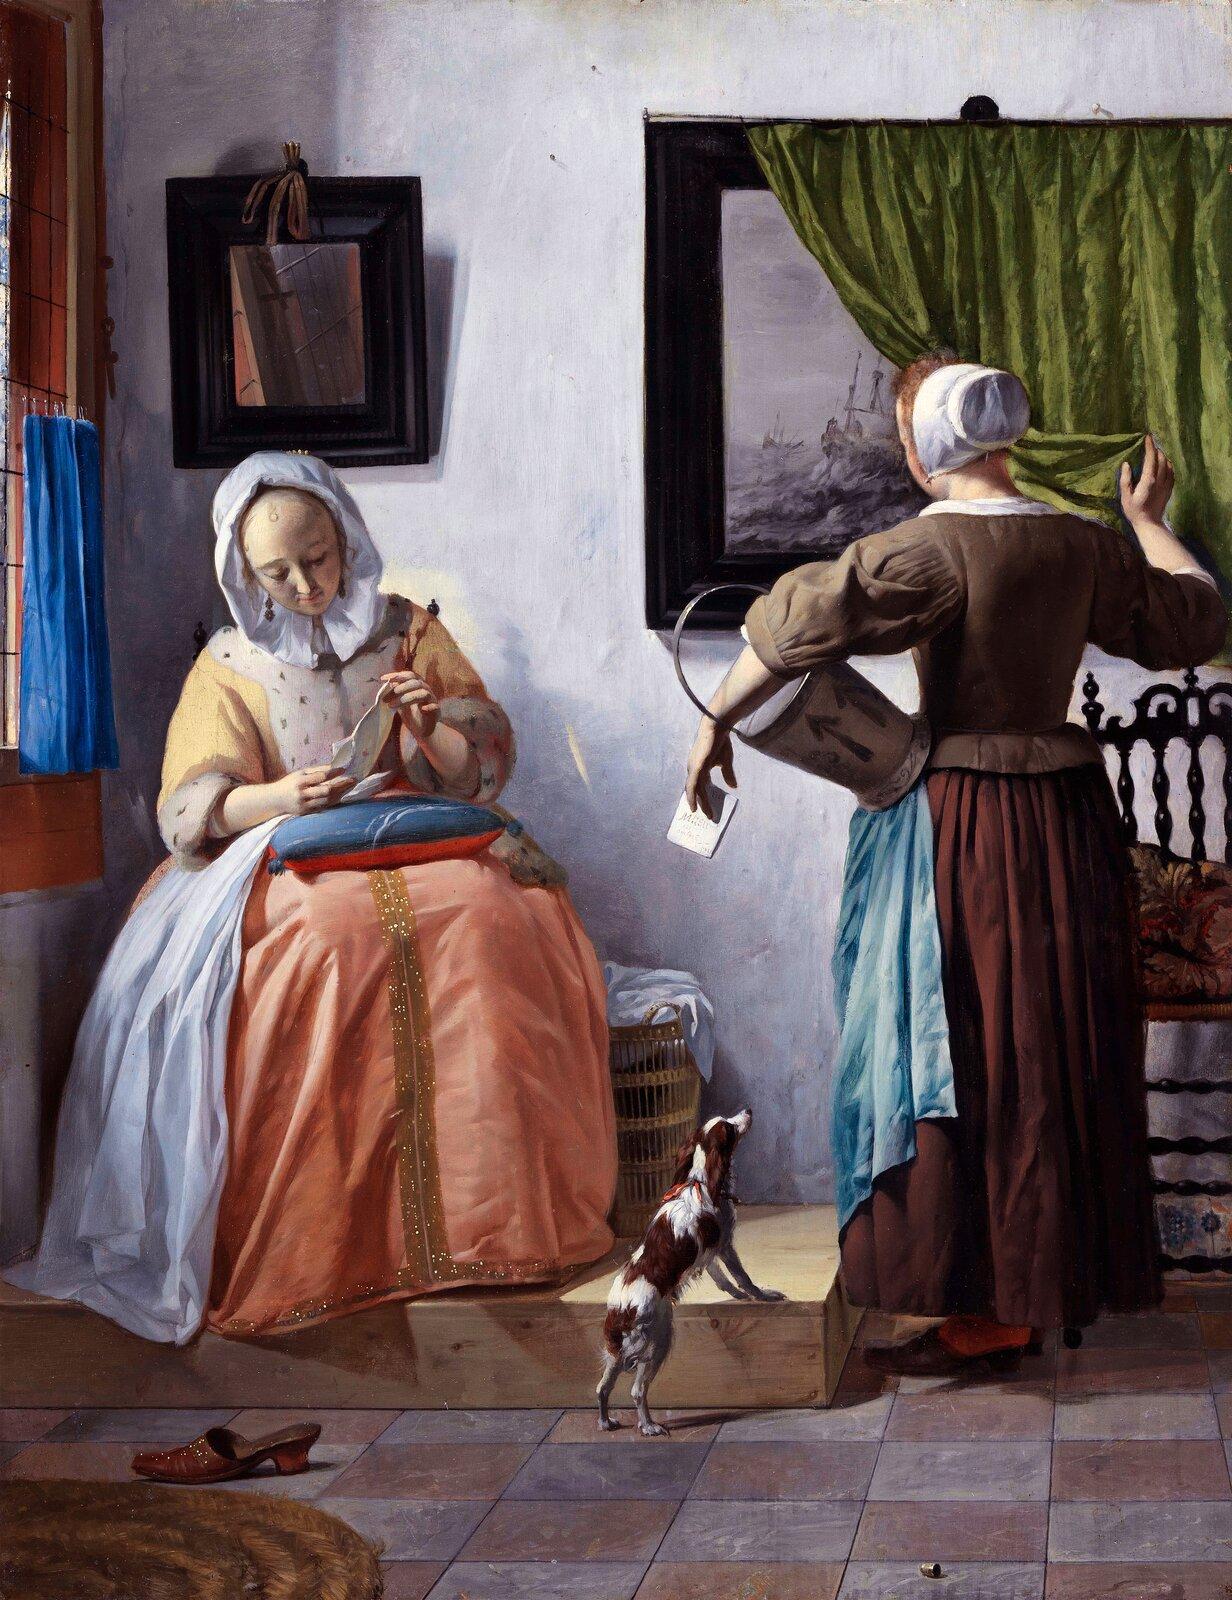 """Ilustracja przedstawia obraz """"Kobieta czytająca list"""" autorstwa Gabriela Metsu. Dzieło ukazuje scenę rodzajową zdwoma kobietami we wnętrzu pokoju. Siedząca po lewej stronie, na drewnianym podeście, czytająca postać ubrana jest wsuknię zżółtym, wykończonym futerkiem kaftanem ipomarańczową spódnicą. Na głowie ma zawinięty aż podszyję, biały czepek. Kobieta pochyla się nad trzymanym wrękach listem, który kieruje wstronę światła. Nad czytającą wisi niewielkich rozmiarów lustro, wktórym odbija się fragment okna, natomiast przed nią, na podłodze znajduje się czerwony trzewik. Po prawej stronie znajduje się postać stojącej tyłem służącej. Kobieta ubrana jest wbrązową spódnicę zniebieskim fartuchem ibrązowy, bufiasty kaftan zbiałym kołnierzykiem. Na głowie ma mały, biały czepek. Postać, pod lewą ręką trzyma blaszane wiadro. Prawą ręką odsłania zieloną kotarę, pod którą znajduje się wiszący na białej ścianie obraz wgrubej, ciemnej ramie znamalowanym okrętem na wzburzonym morzu. Obok kobiety stoi drewniane, ozdobne krzesło. Pomiędzy postaciami, oparty opodest stoi mały, biały piesek wbrązowe łaty, spoglądający zciekawością wkierunku służącej. Dzieło wykonane jest wtechnice olejnej."""